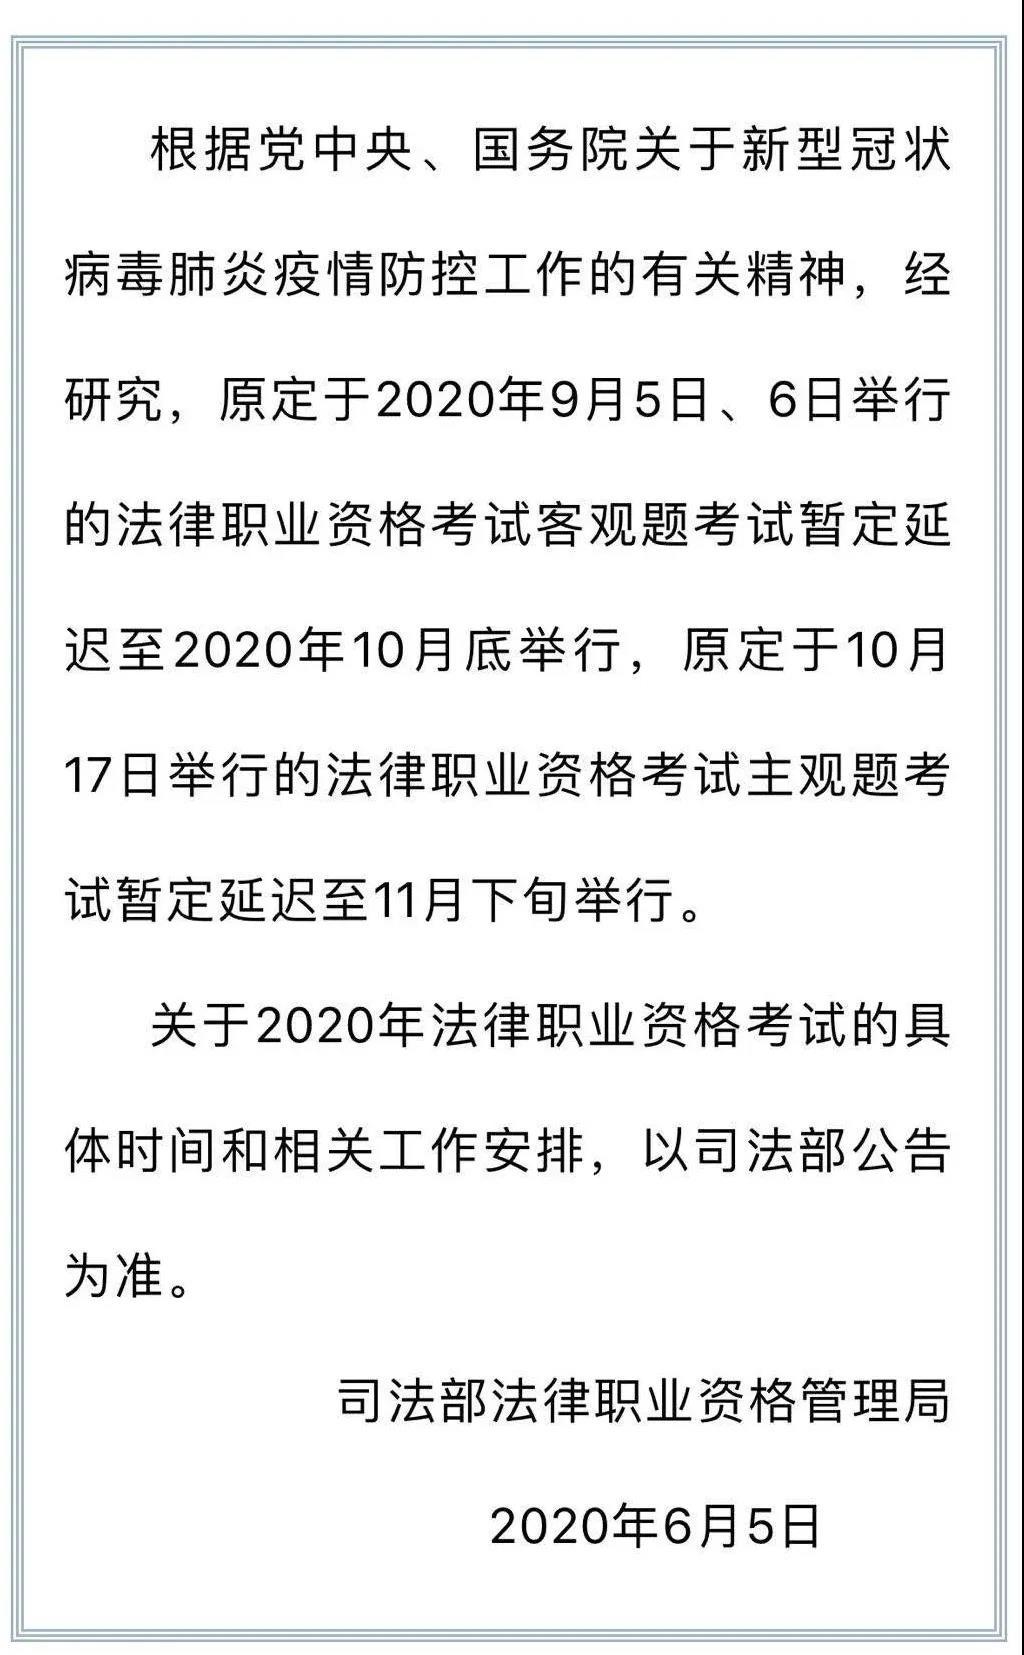 原定9月司法资格证考试延期至10月